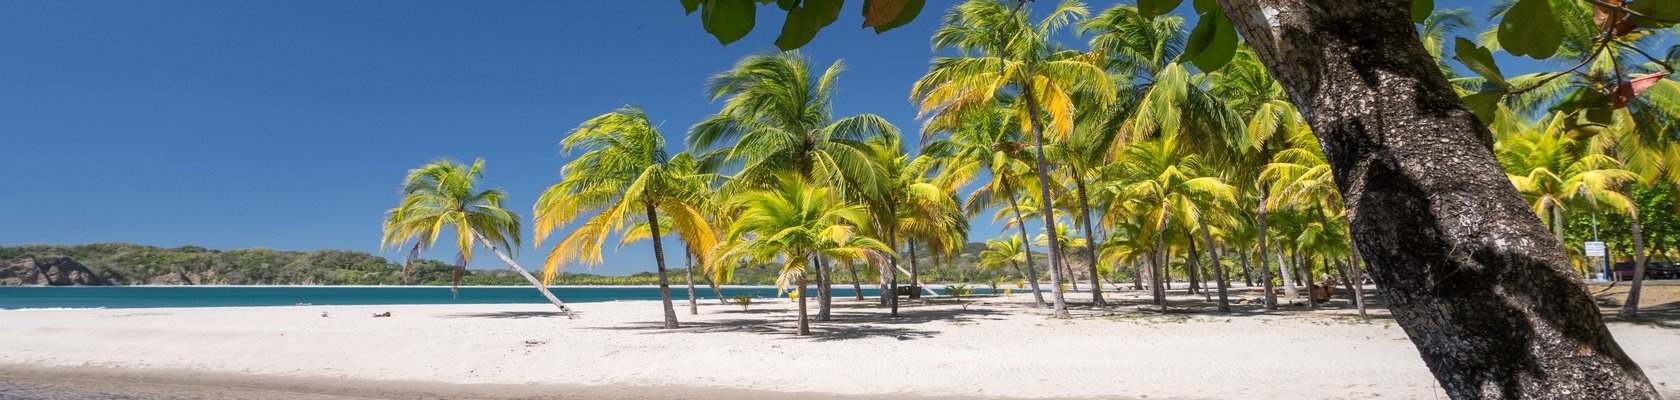 Samara, stranden van Costa Rica